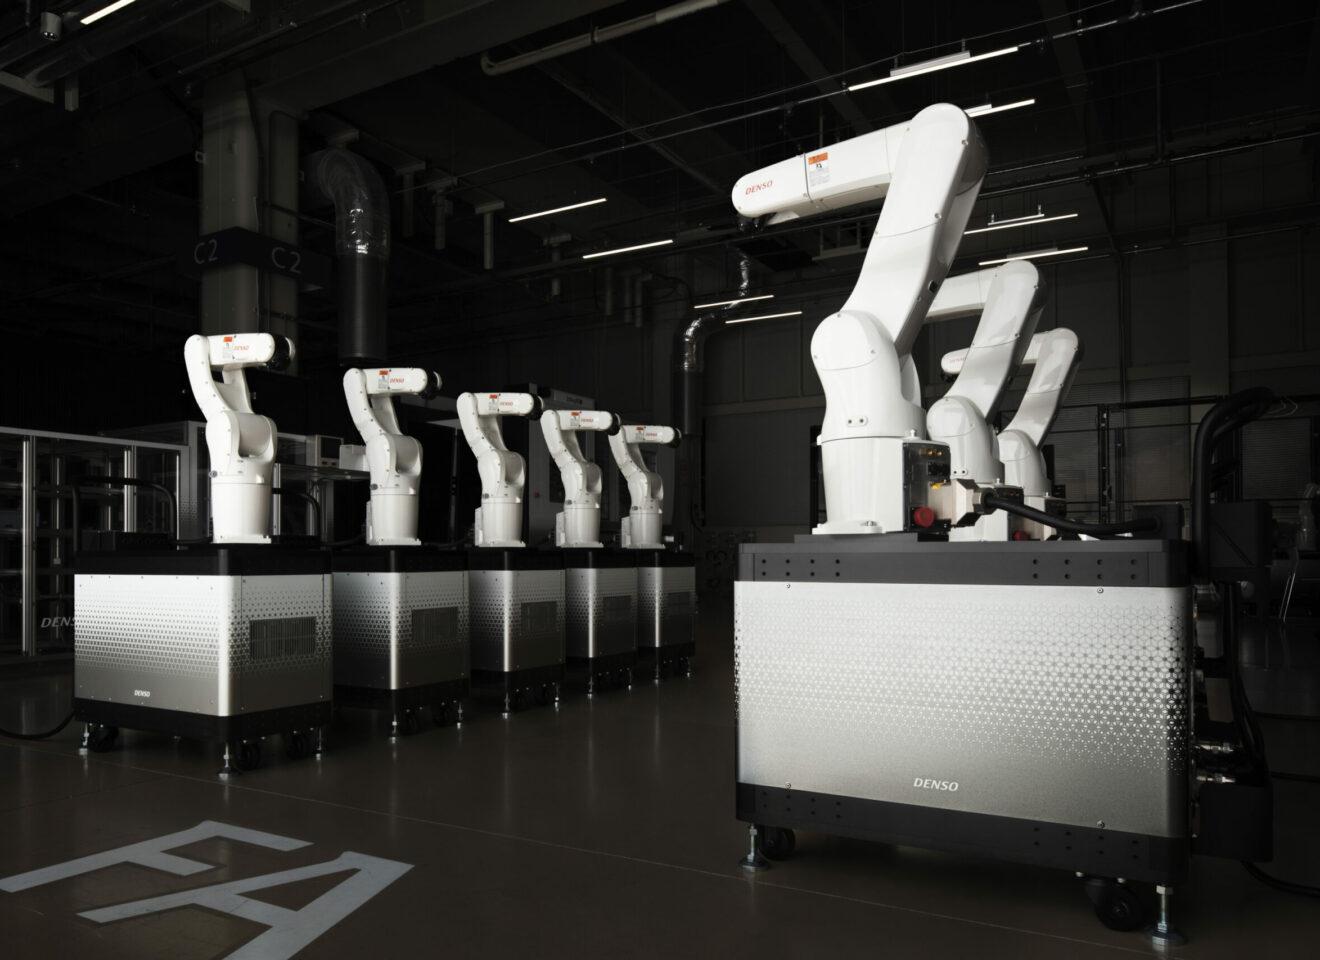 denso robot 5